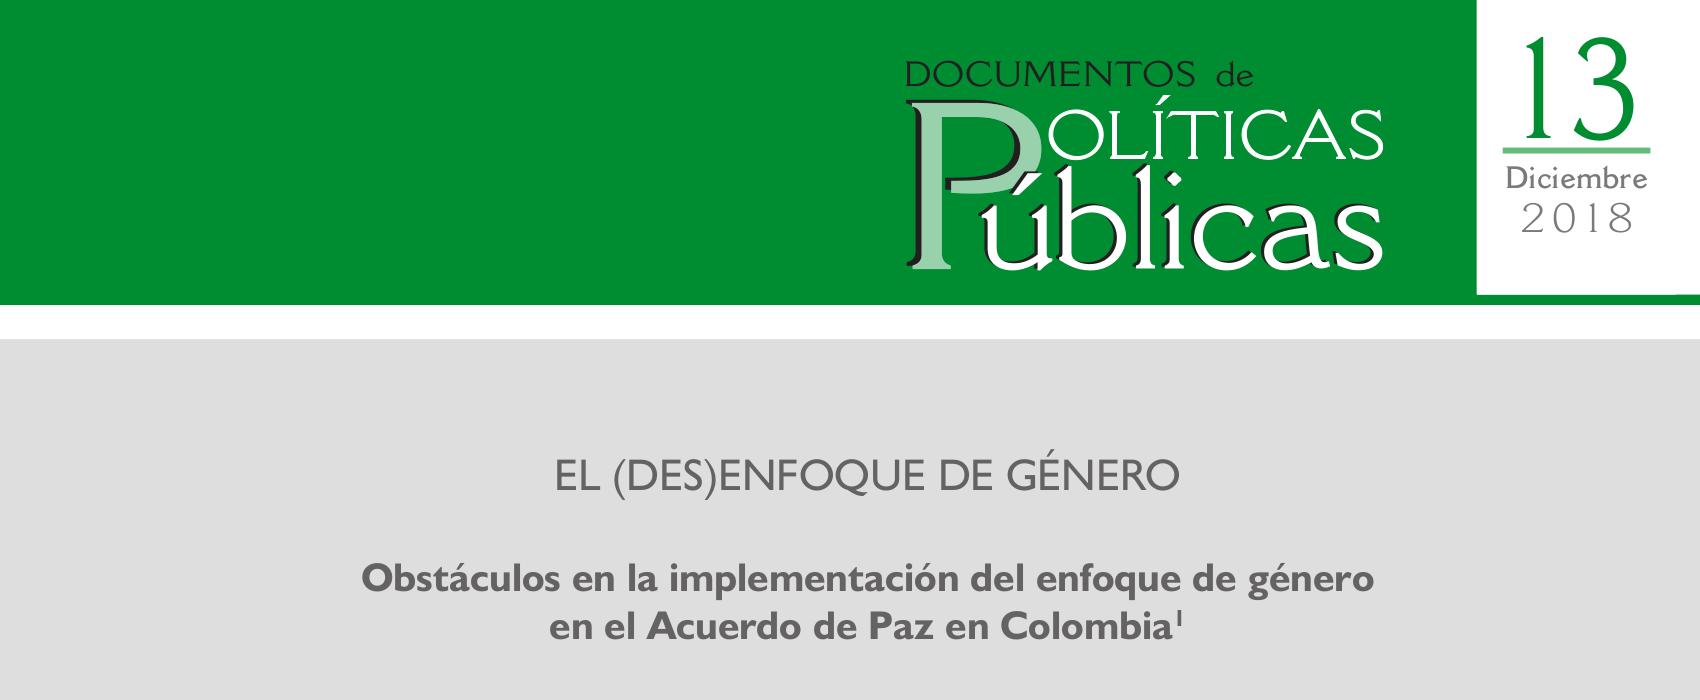 13. «El (des)enfoque de género. Obstáculos en la implementación del enfoque de género en el Acuerdo de Paz en Colombia»